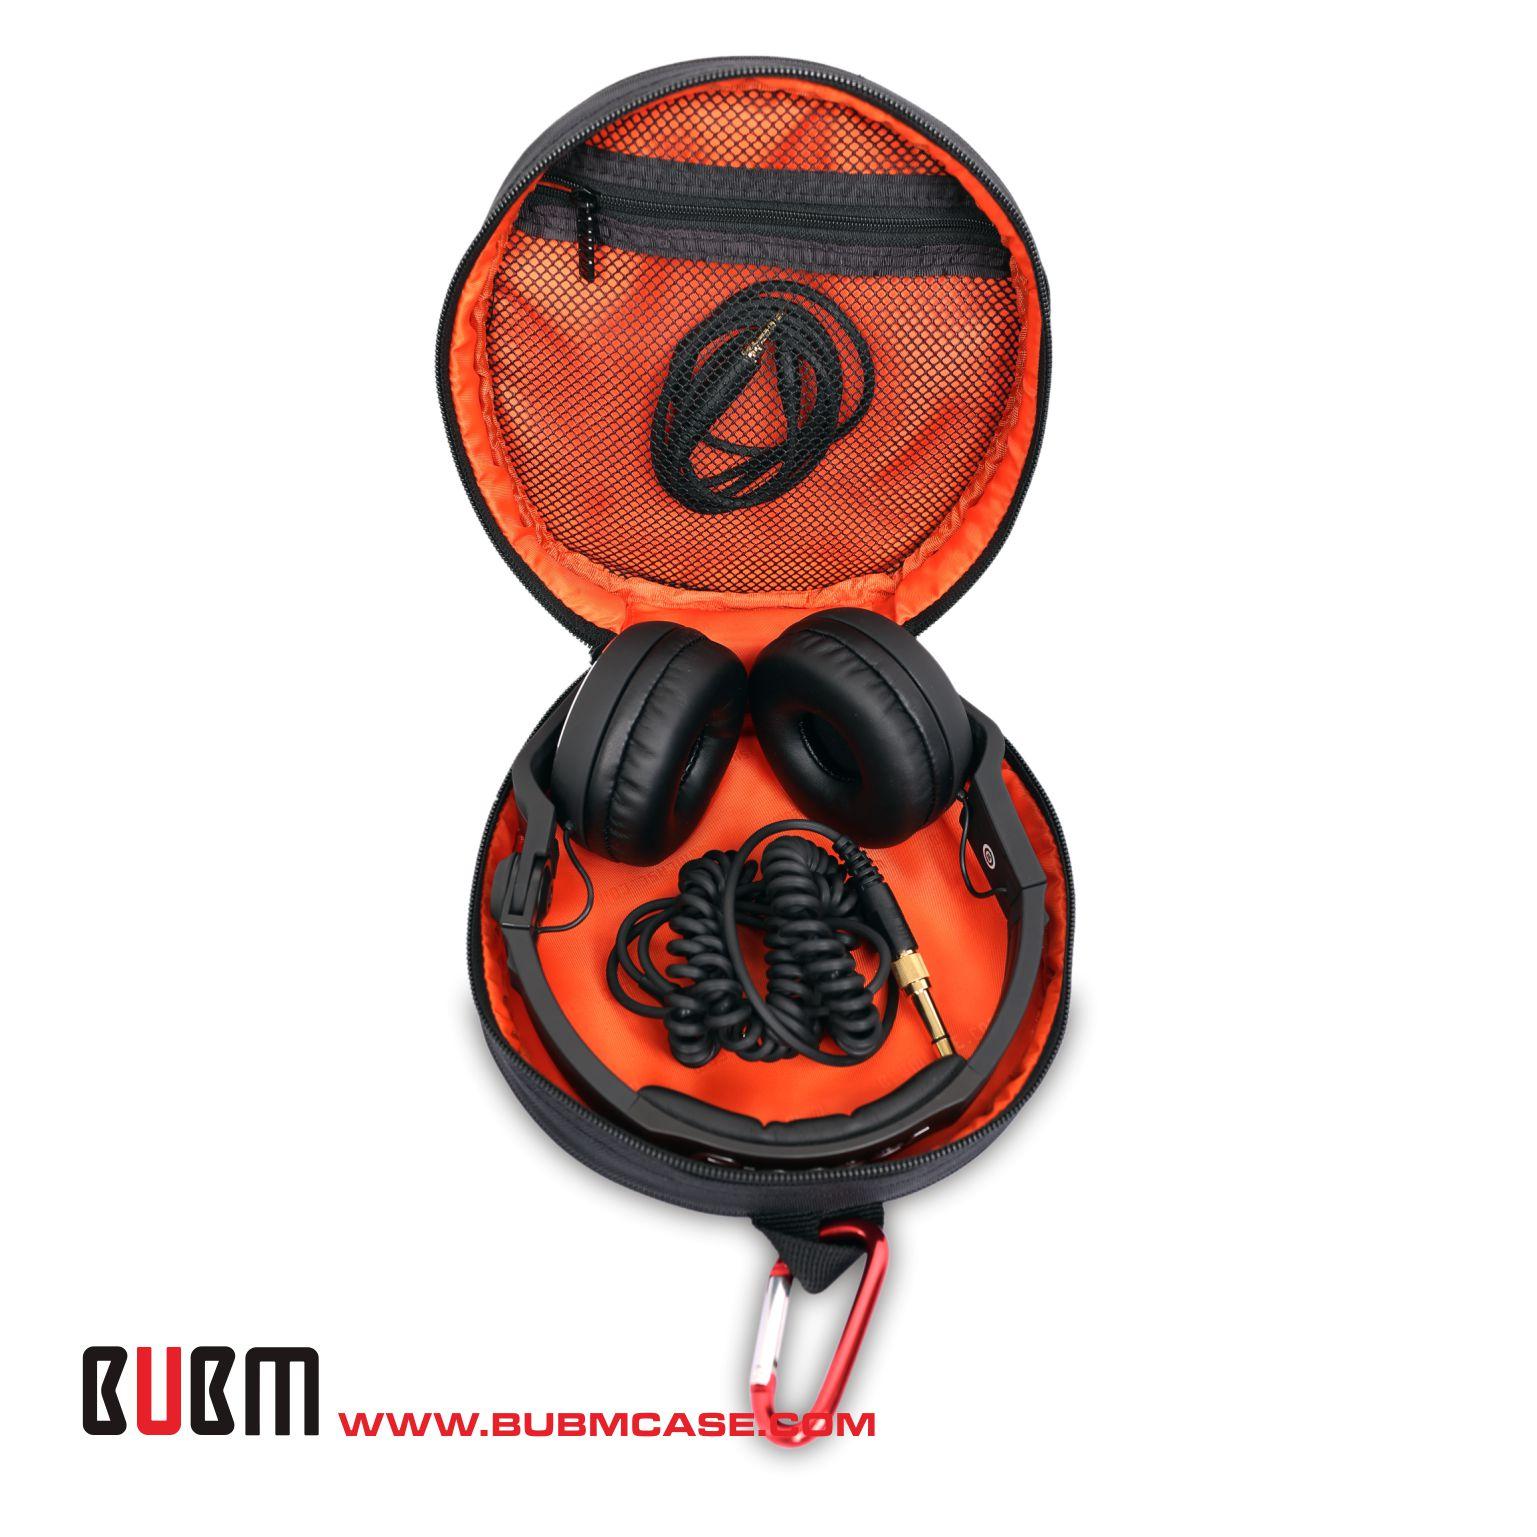 BUBM 头戴式耳机包大耳机包DJ先锋 beats pro魔声耳机包耳机收纳